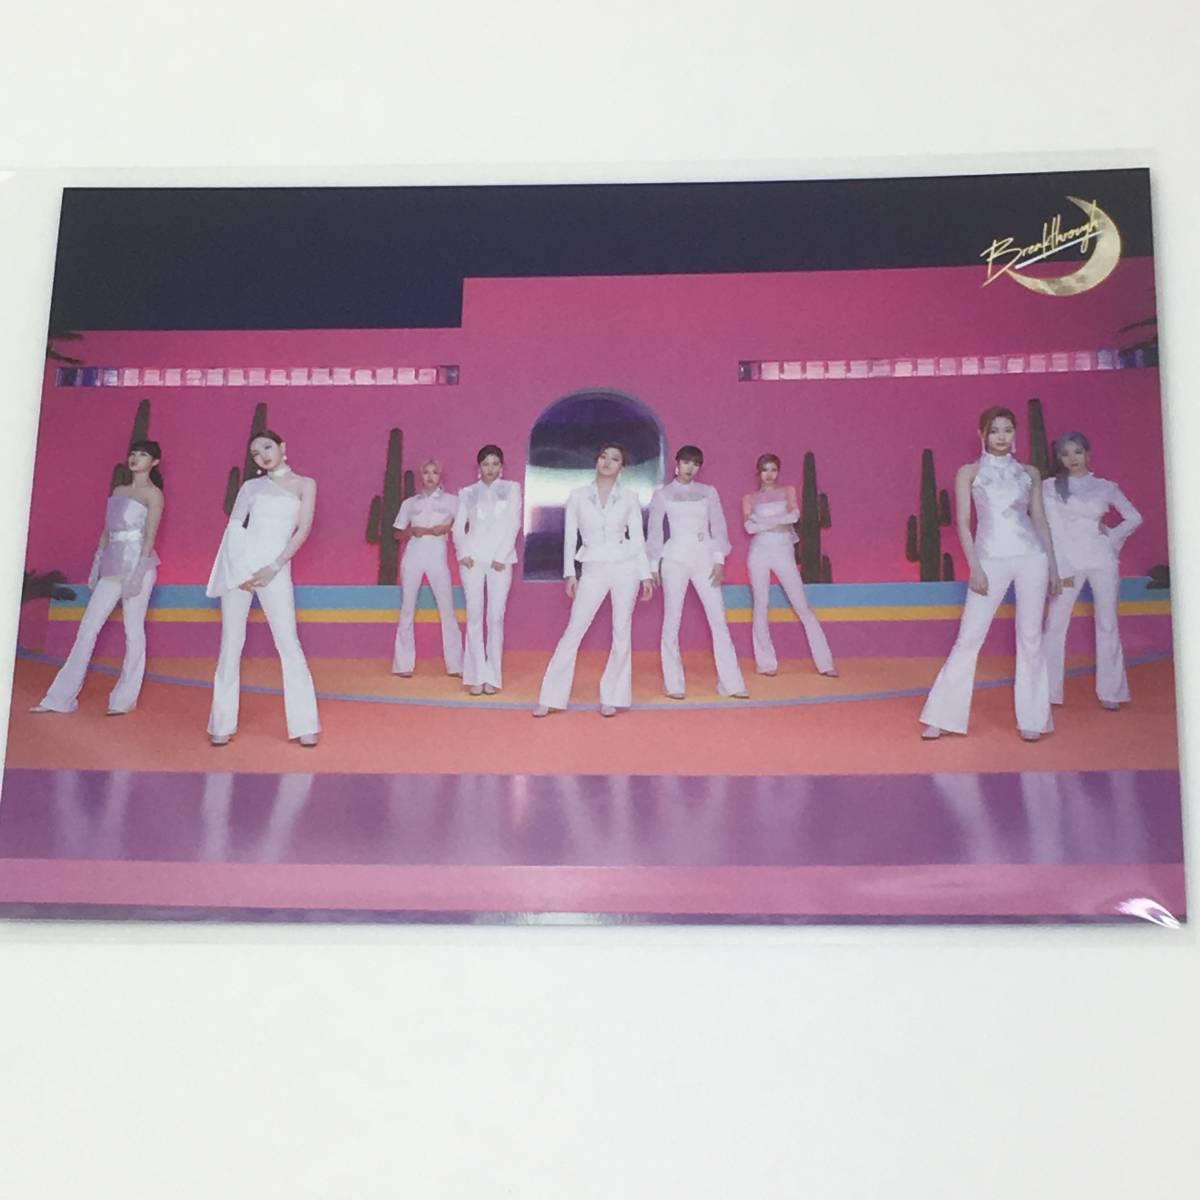 TWICE Breakthrough ランダム トレーディングカード 全員 全65種の内の1種 ハイタッチ会 トレカ グッズ モモ ミナ ダヒョン ナヨン ツウィ_画像1